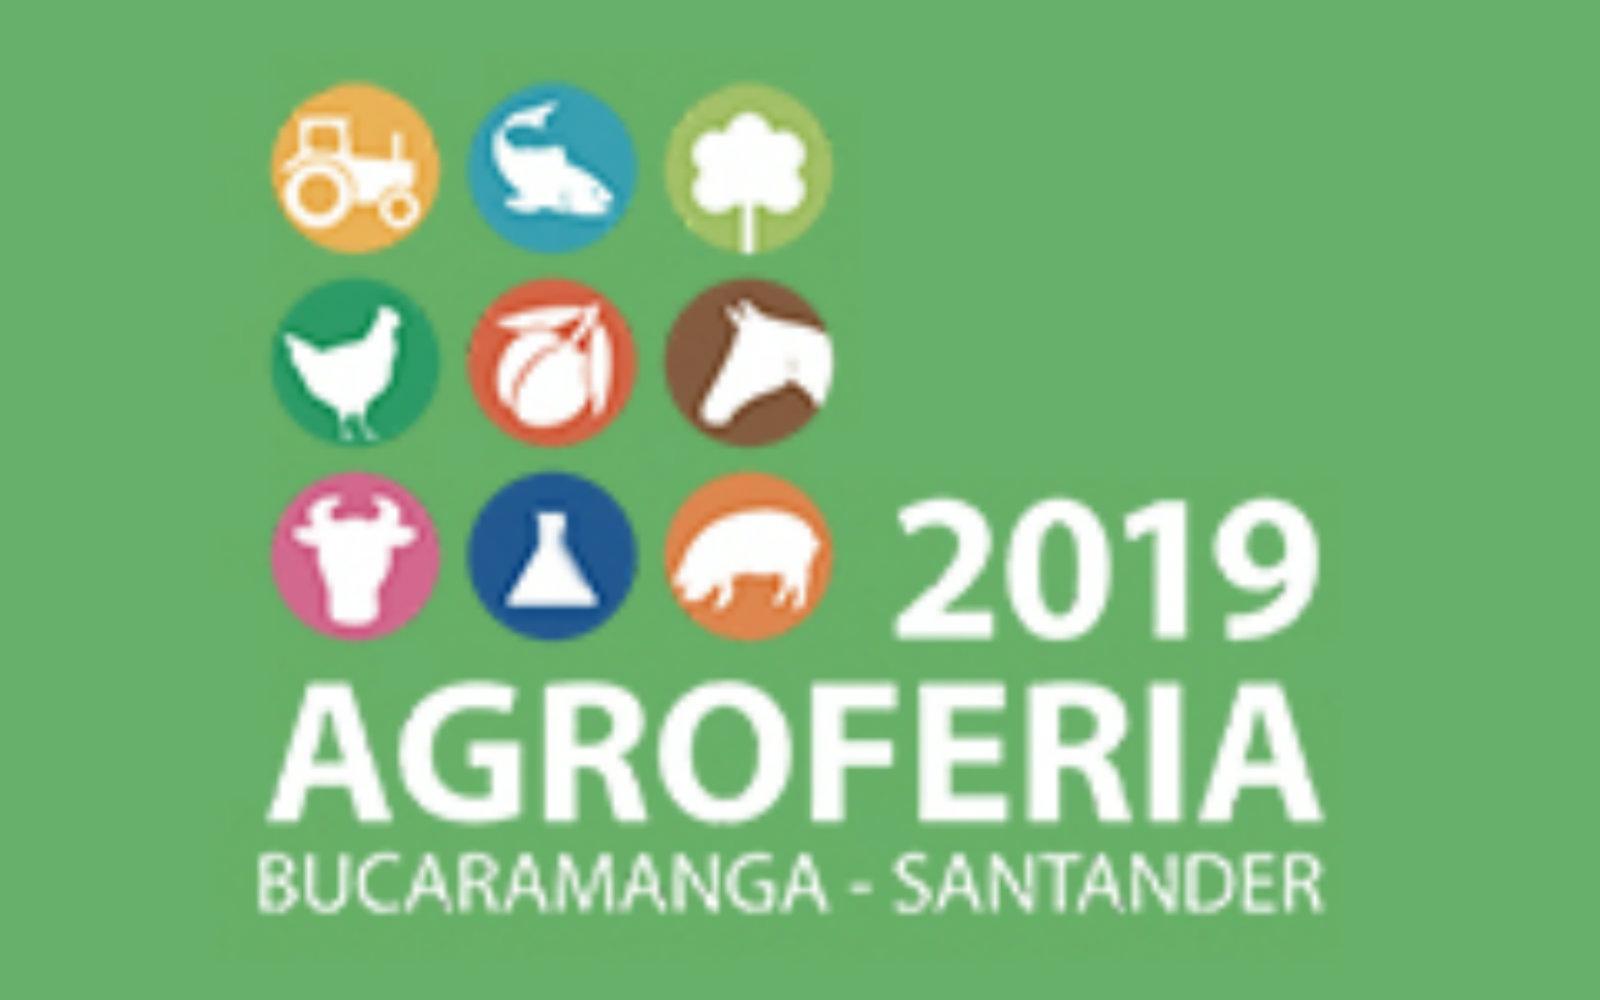 AGROSAVIA encabezará jornadas académicas en Agroferia 2019